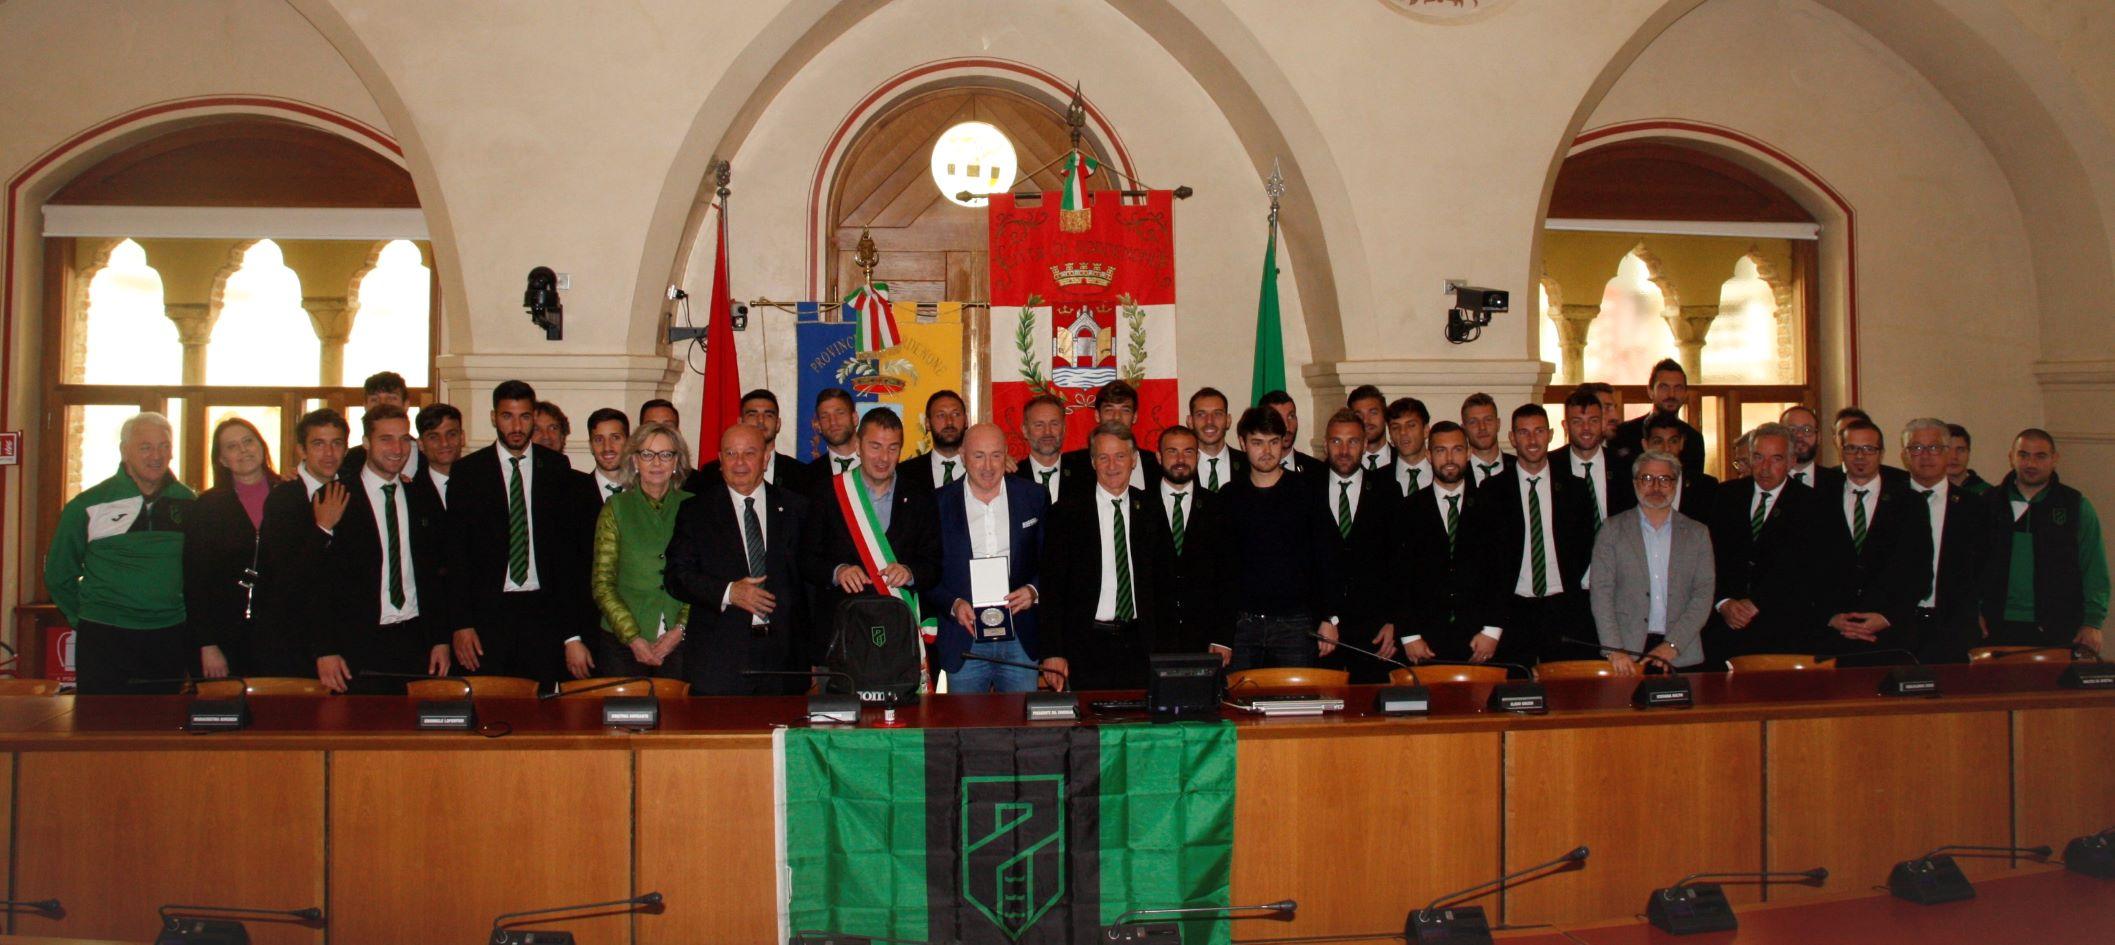 Pordenone Calcio per B Sala cons 043.jpg